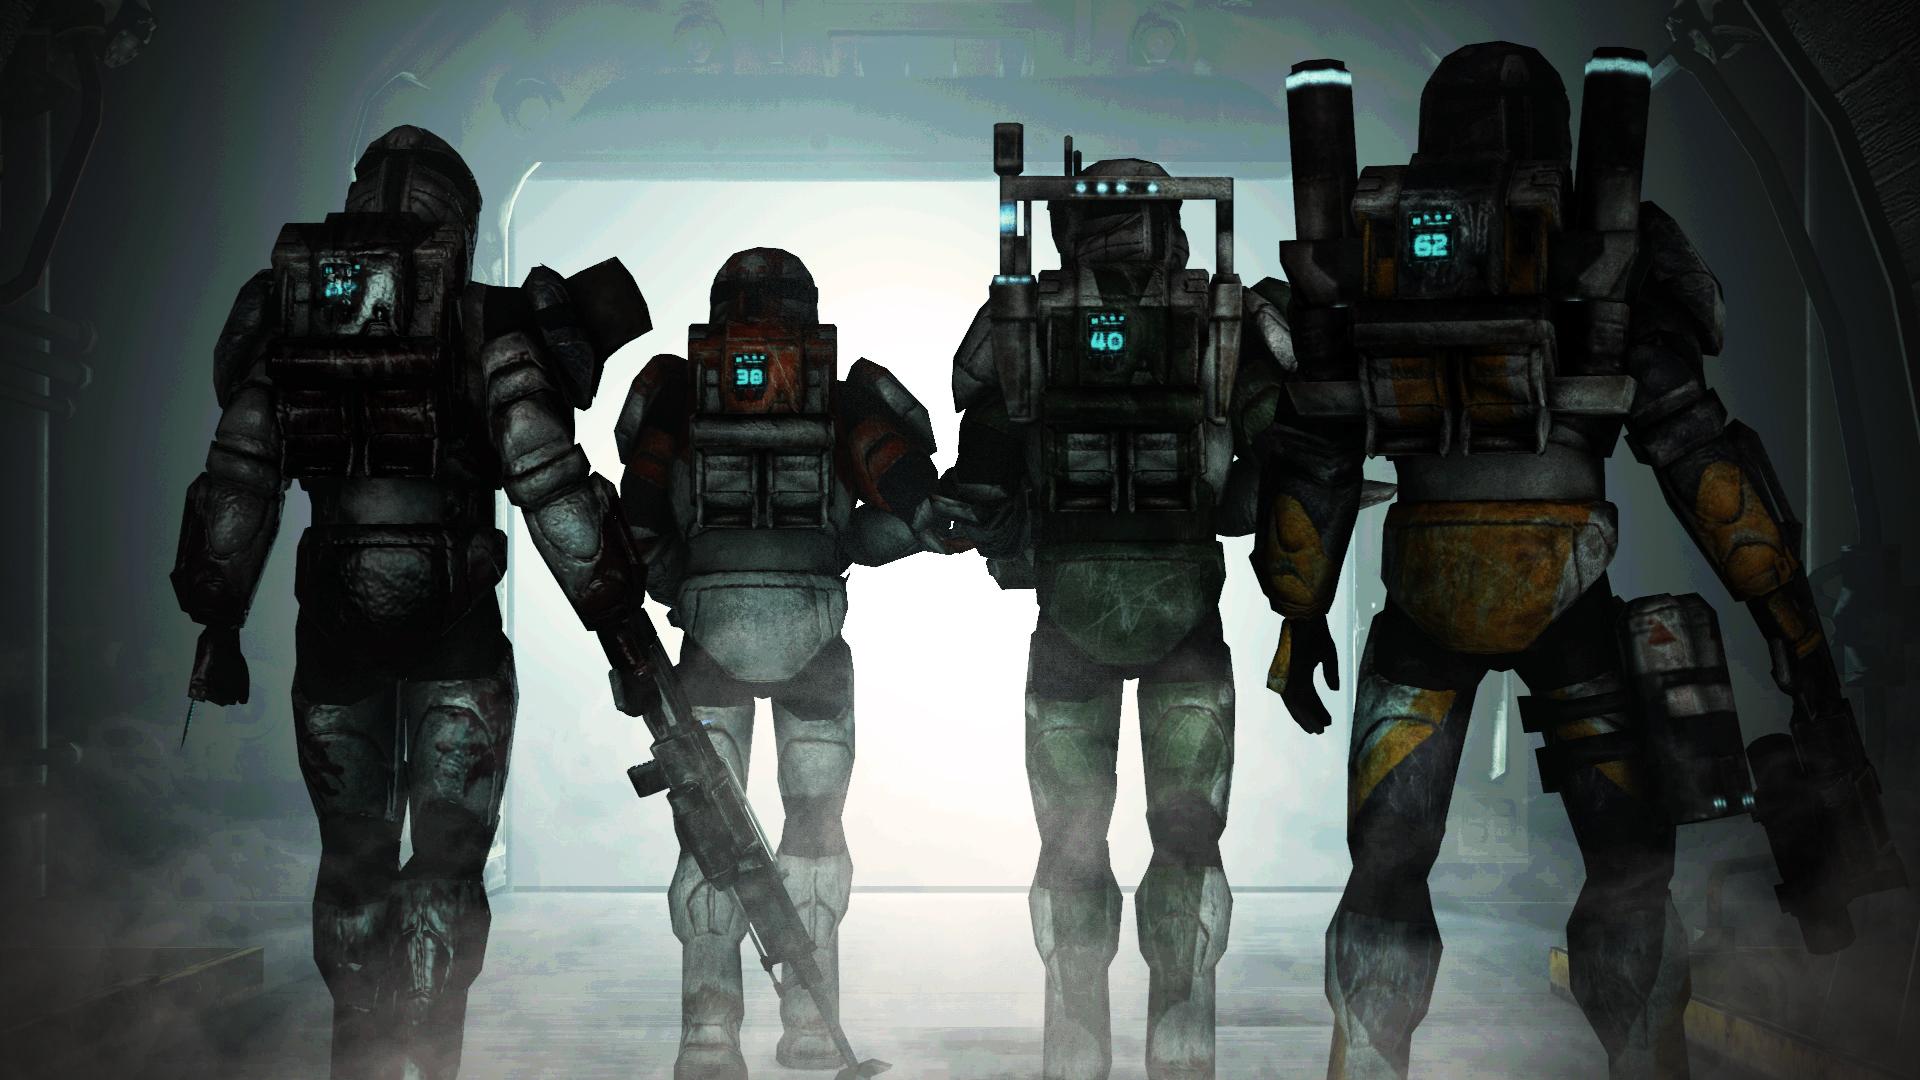 Returning to Duty [SFM]